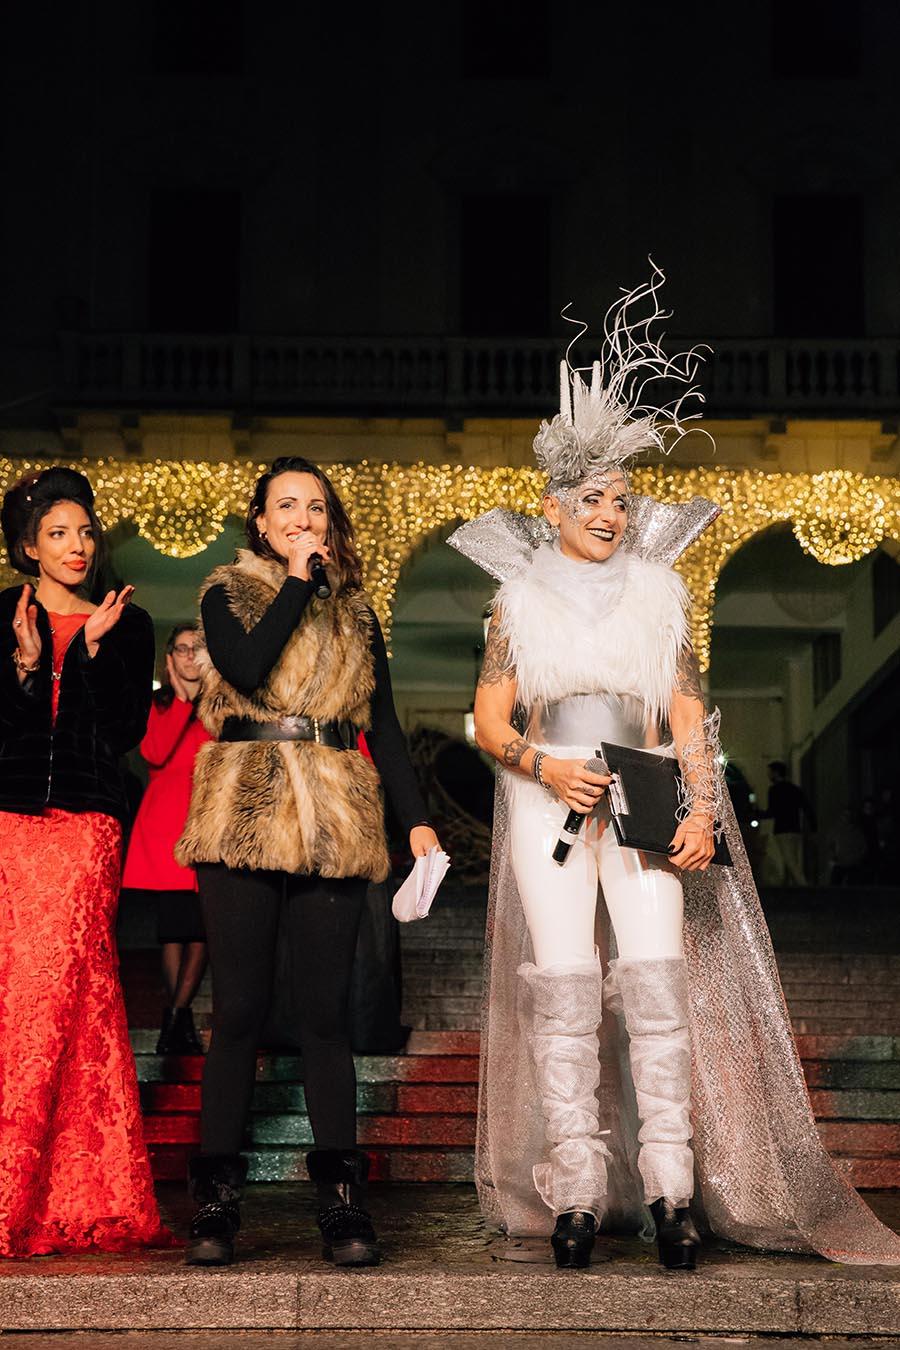 Renato Zanette fotografo per eventi storytelling Cipria Show no alla violenza sulle donne MArzia Breda Irene Guglielmi